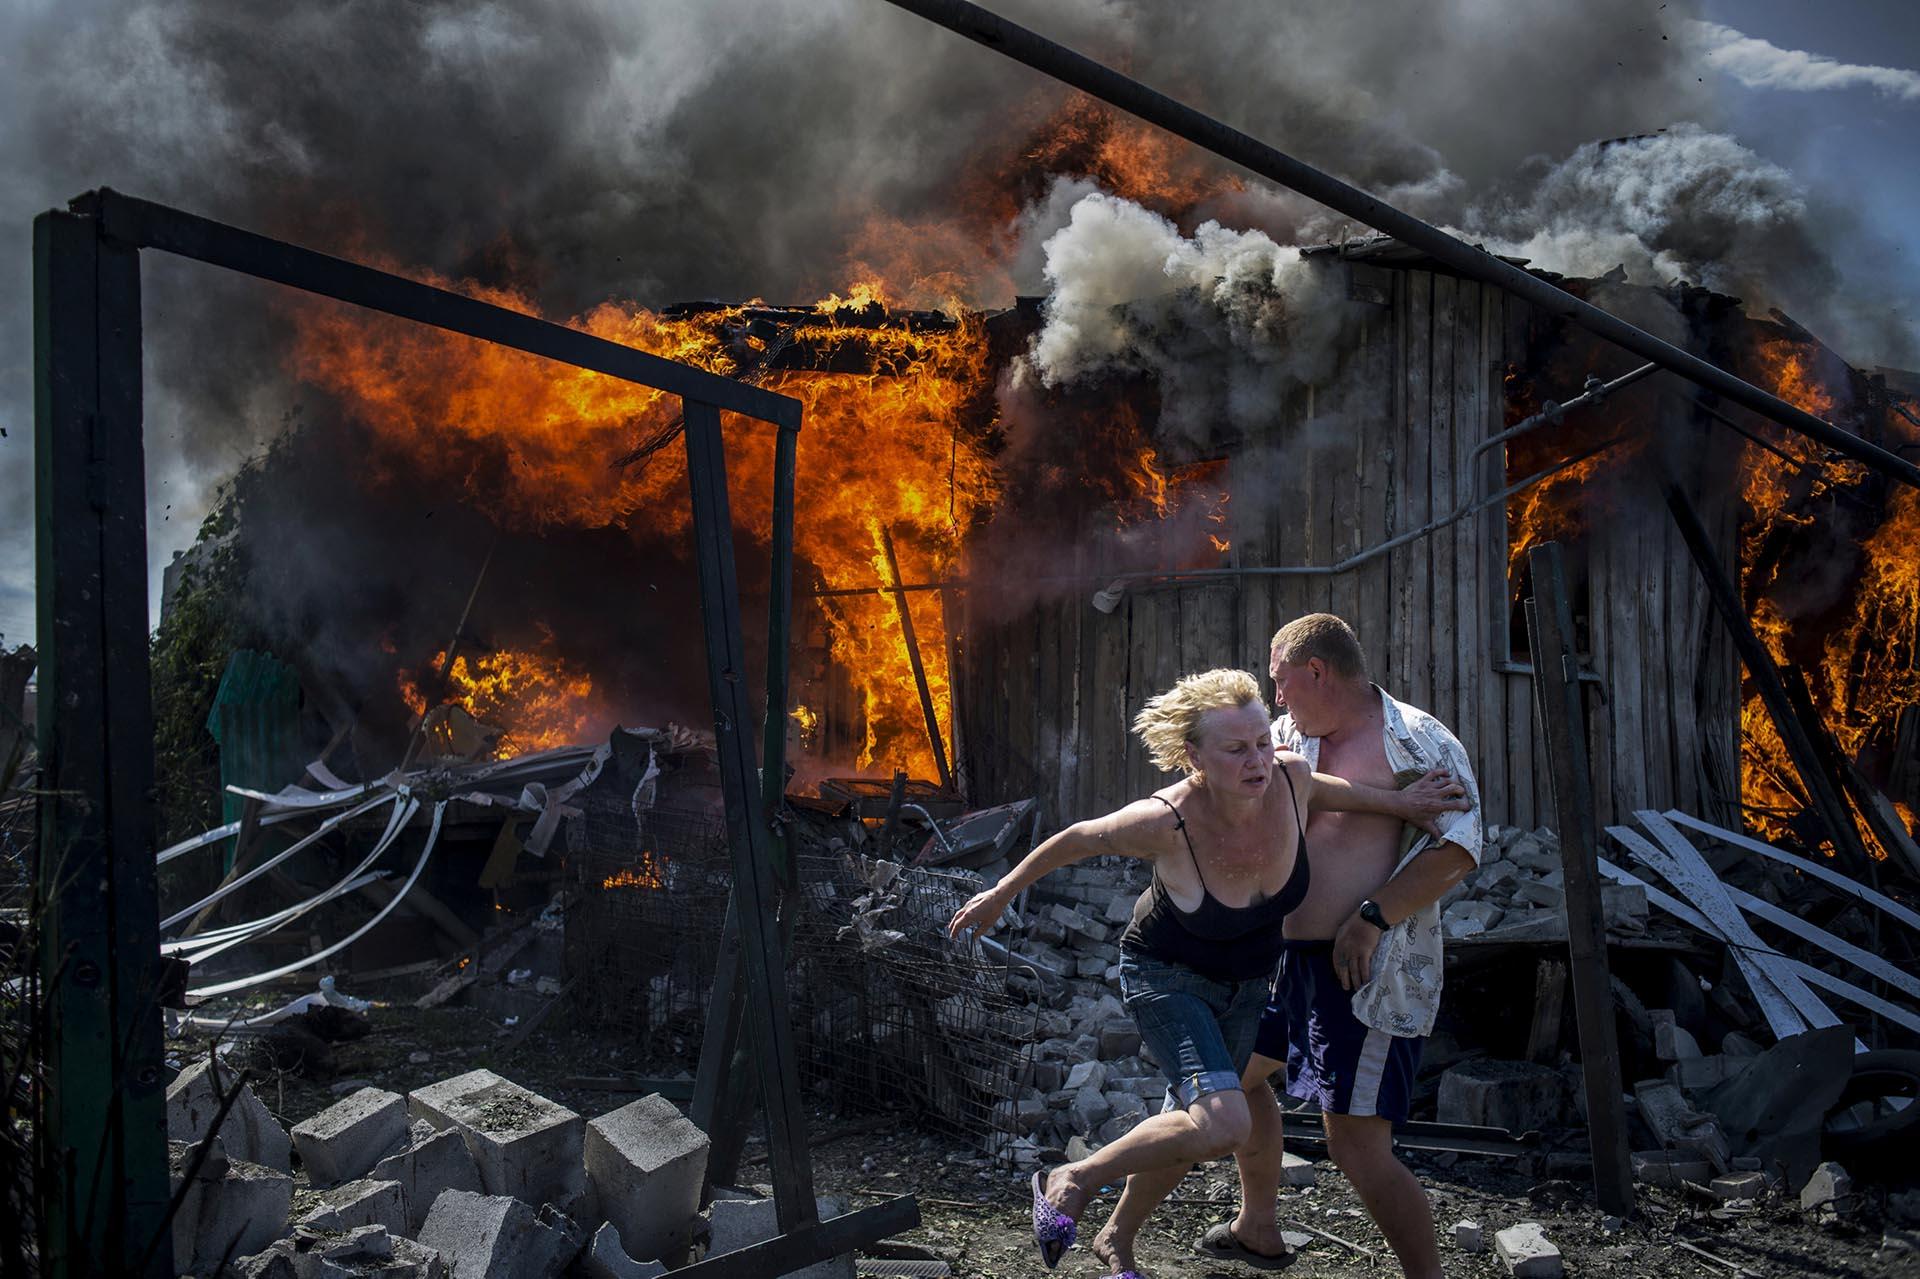 Proyectos a Largo Plazo, primer premio. Ciudadanos escapan de una casa en llamas enLuhanskaya. Rossiya Segodnya, REUTERS